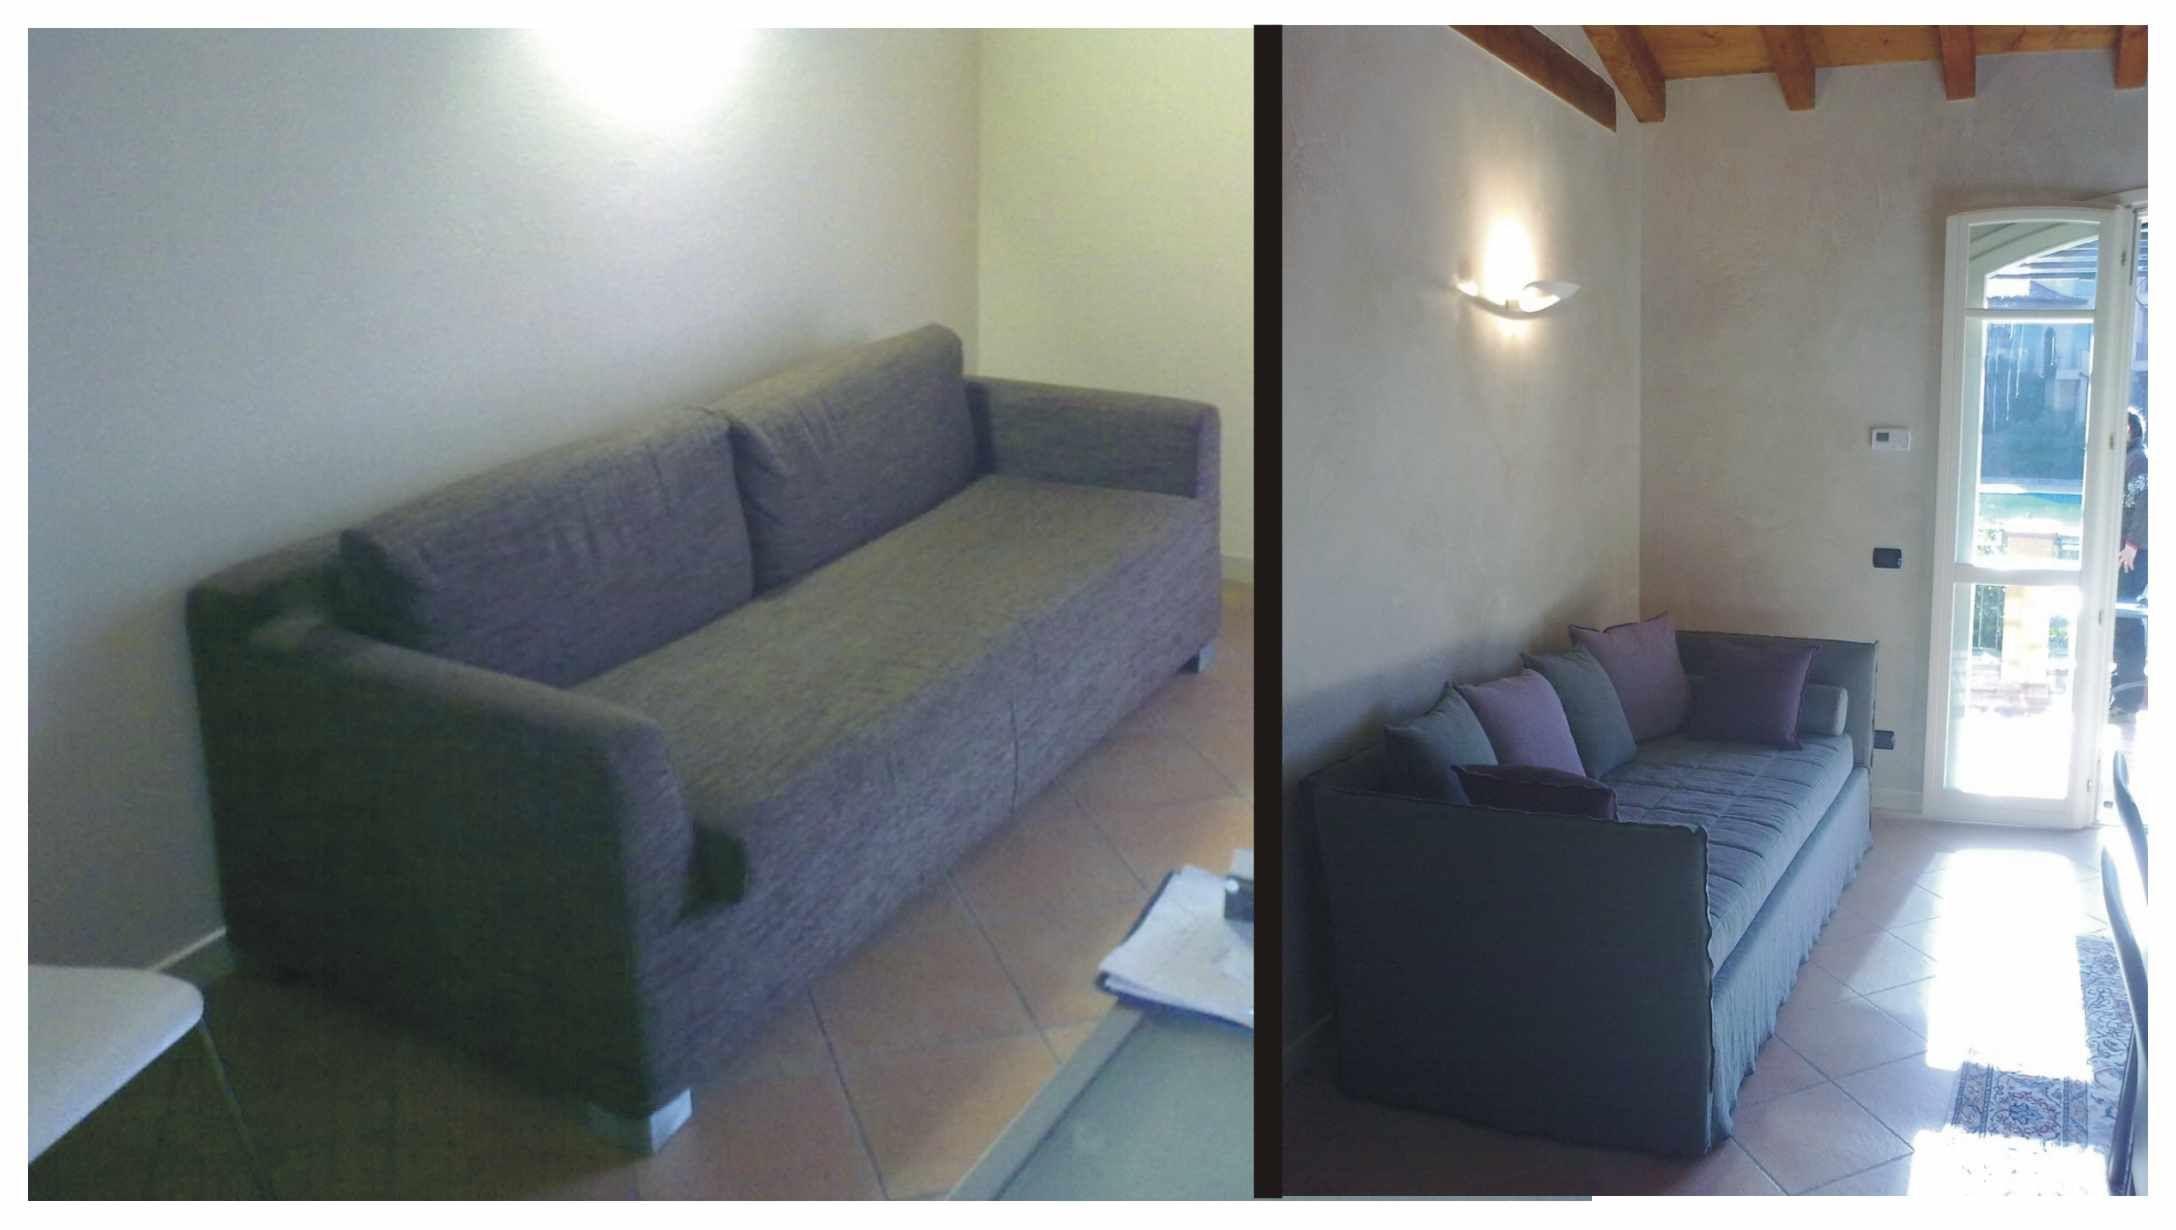 Atractivo Muebles De Cocina Gumtree En Venta En Johannesburgo ...